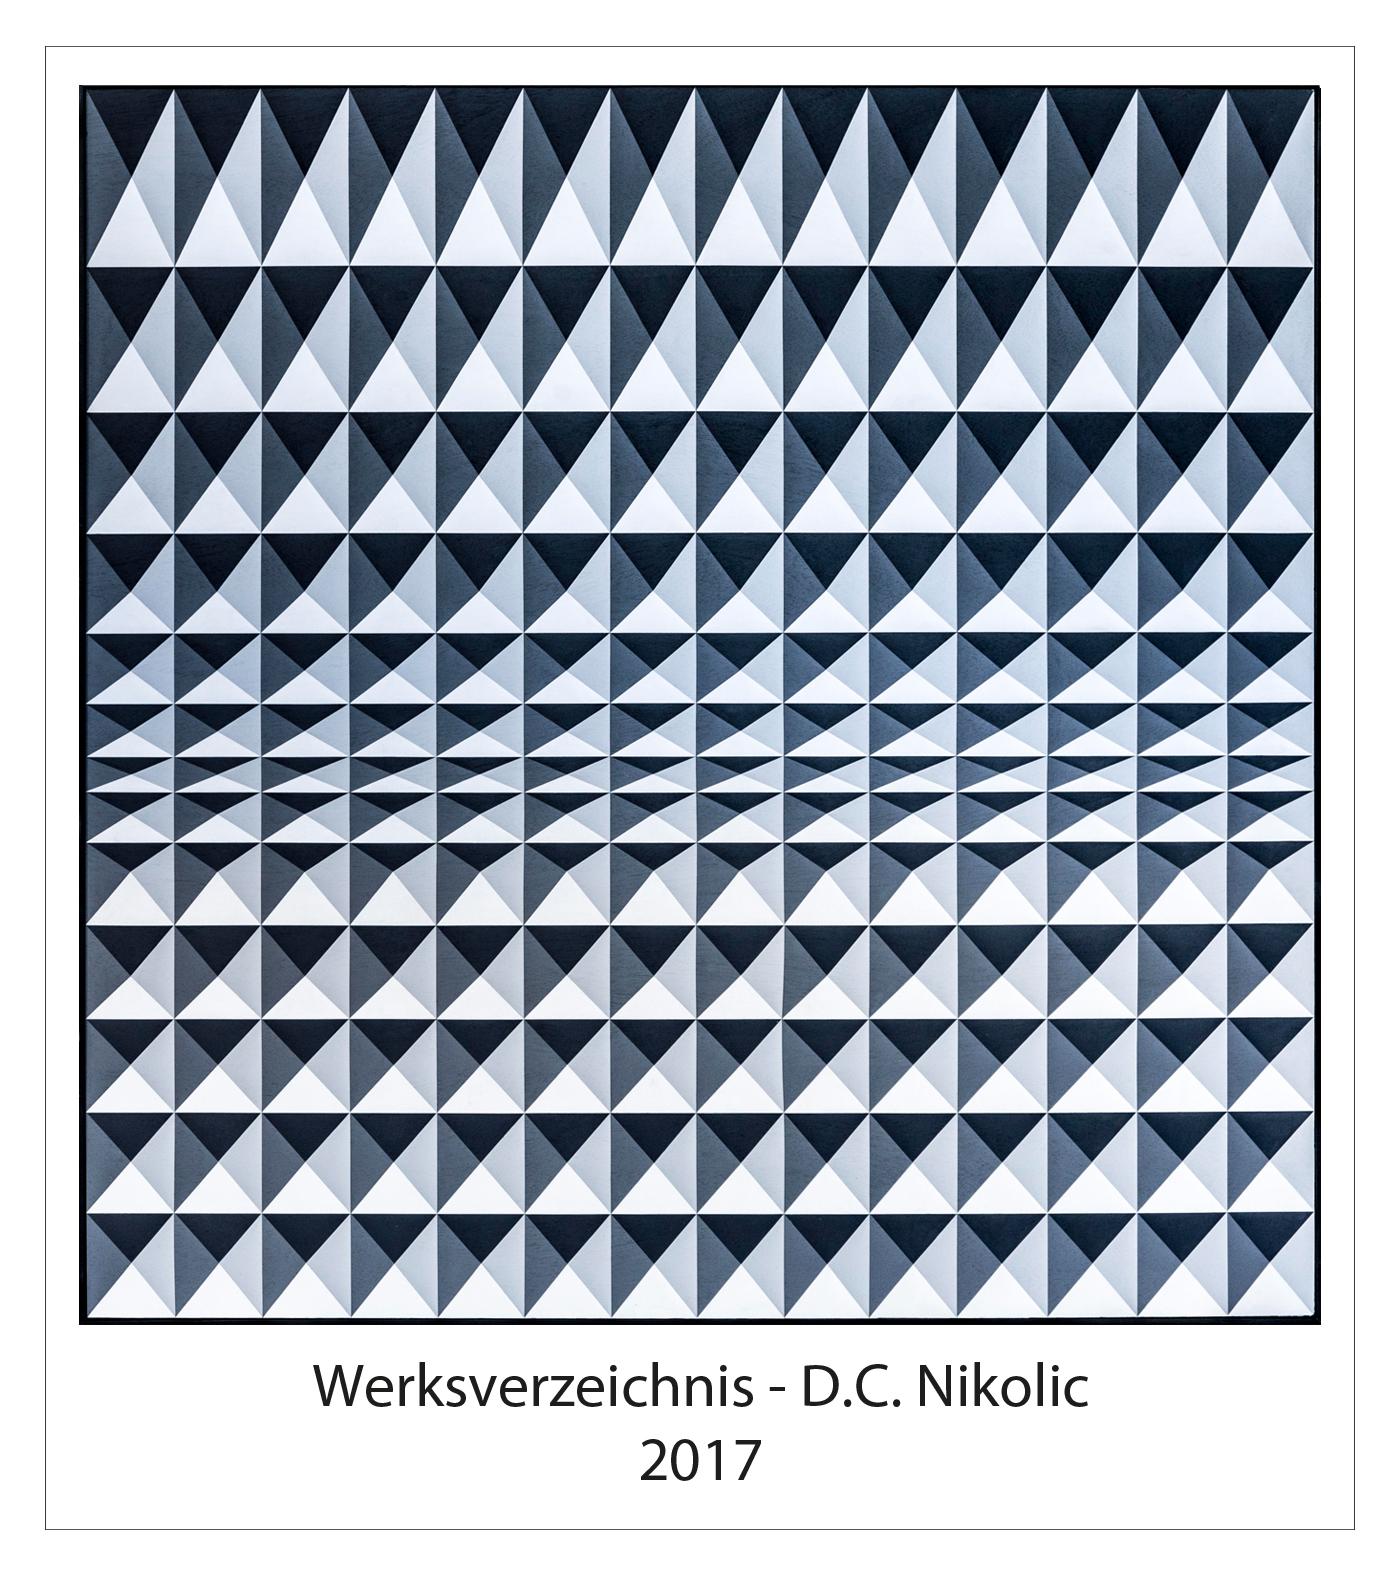 Werksverzeichnis 2017 Darko Caramello Nikolic